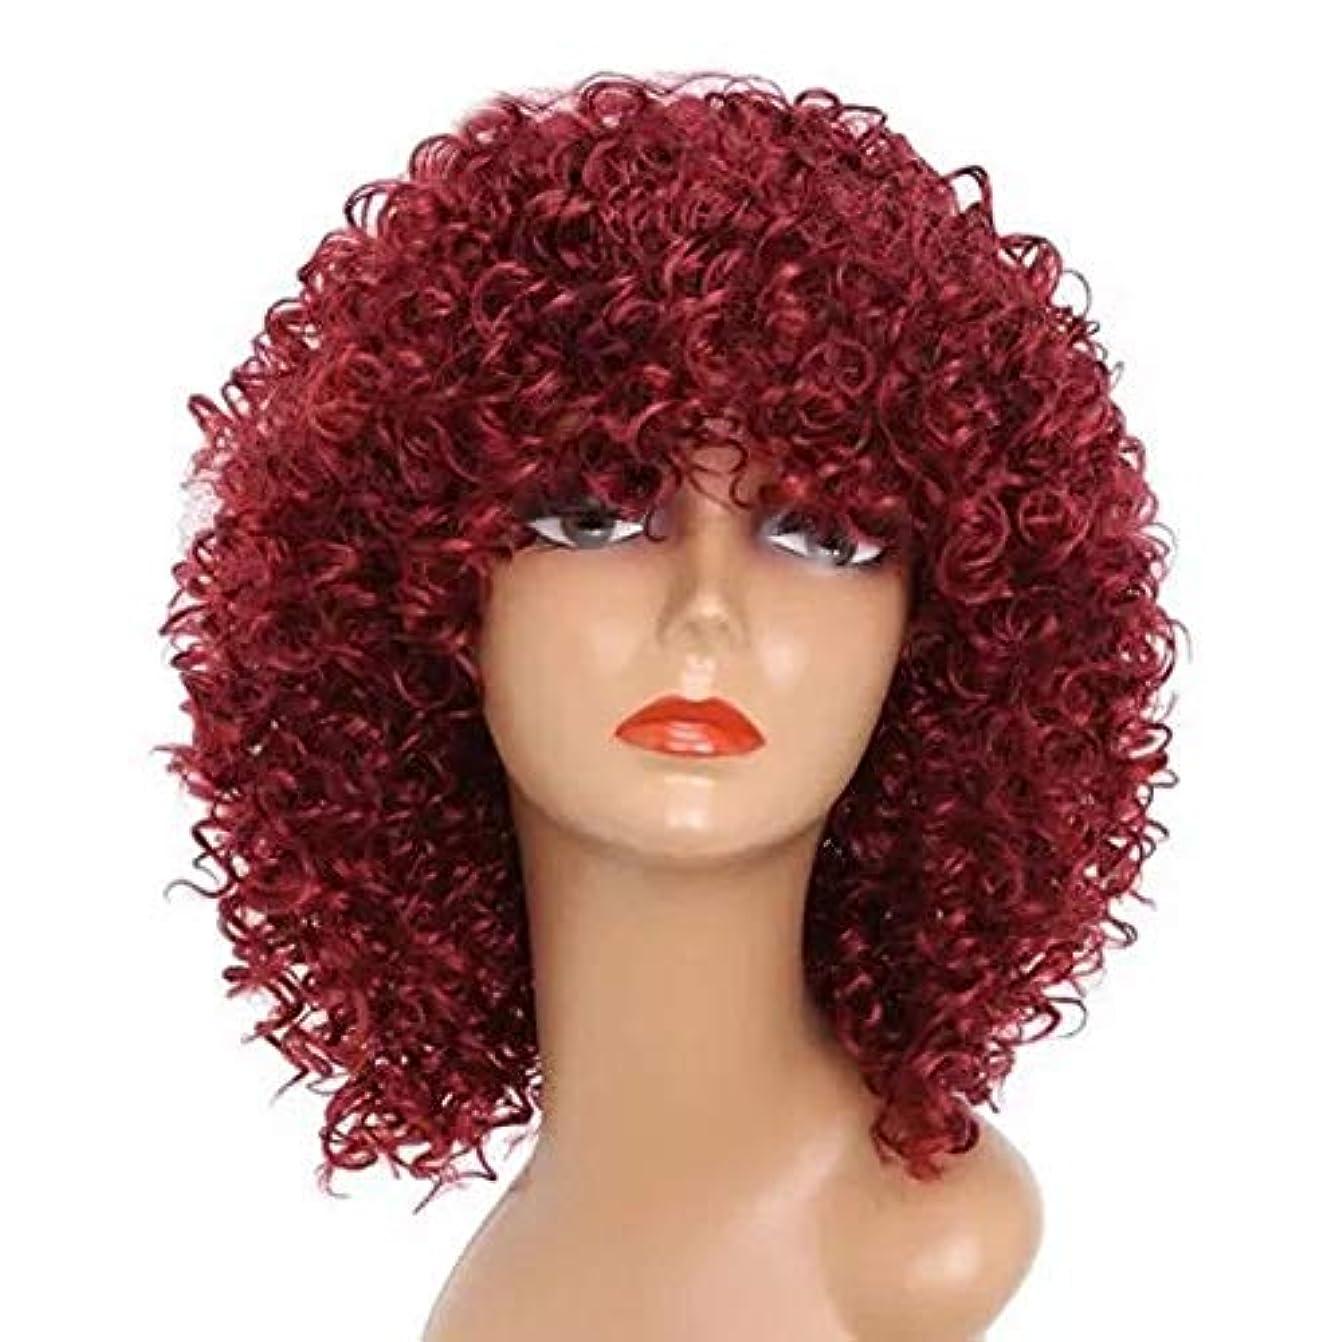 ヘアユーモラス実装するコスチュームパーティーコスプレのための黒人女性カーリーブラジルのバージン毛グルーレス通気性のウィッグキャップのためのアフロカーリーウィッグ合成繊維レースフロントウィッグ人毛ウィッグ (Color : 赤)